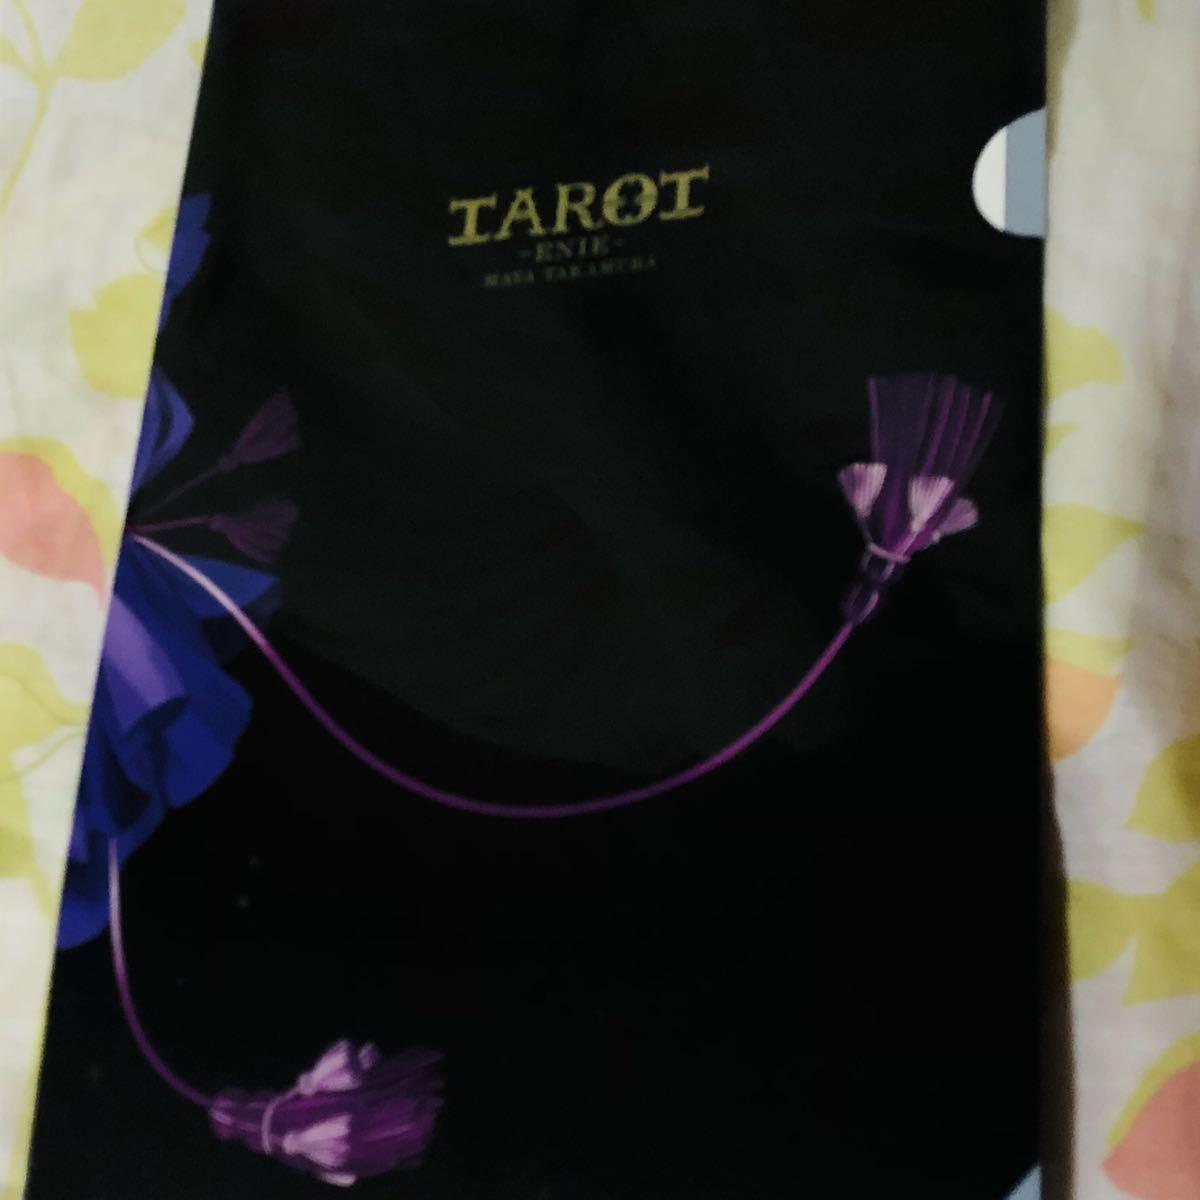 TAROT -ENIE- MAYA TAKAMURA クリアファイル 2枚セット ENIE 女教皇&月 タロット 高村真耶 コトブキヤ_画像6